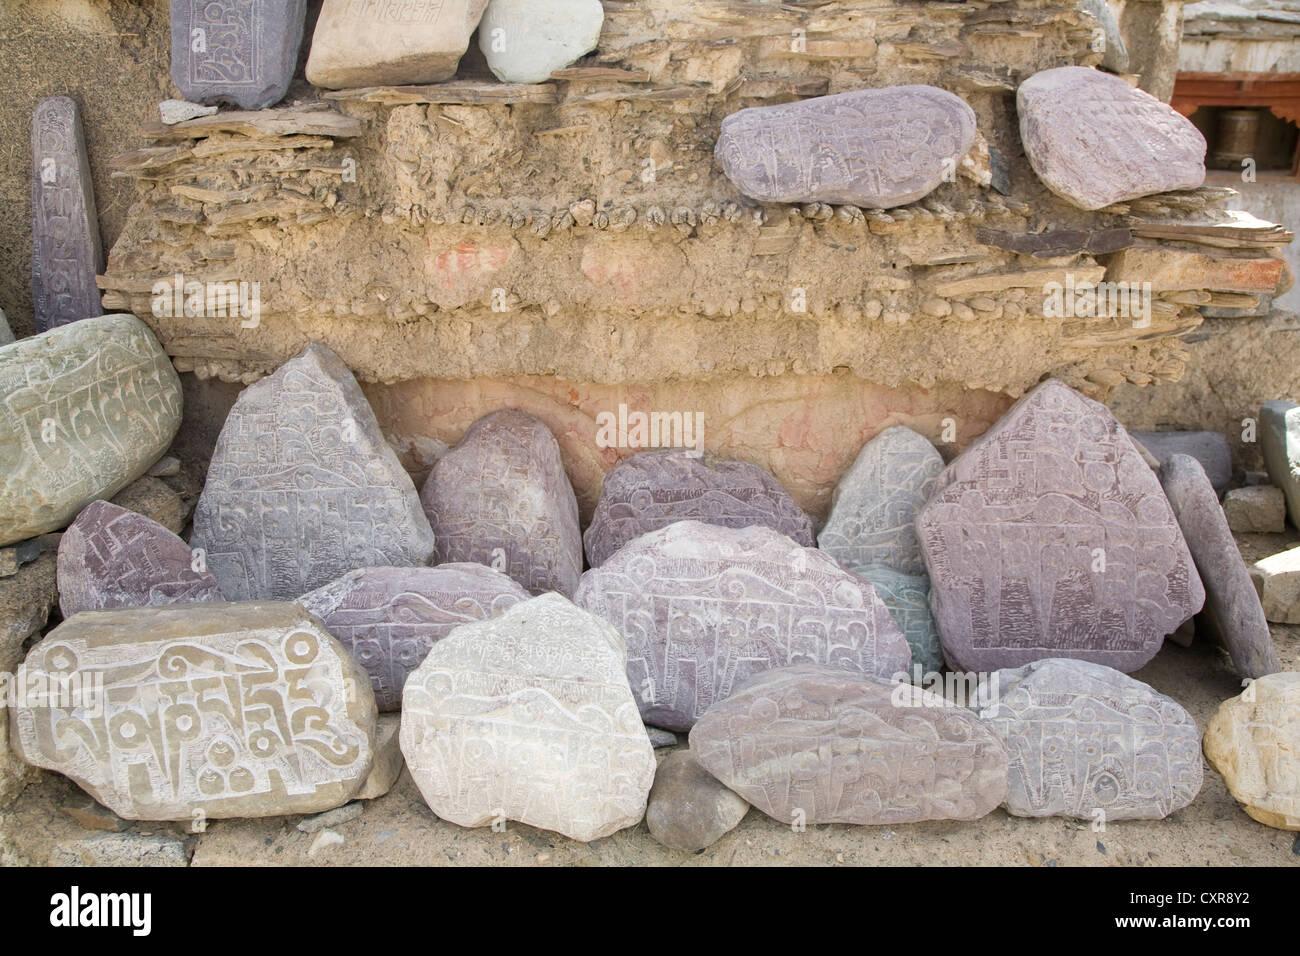 Mani preghiera pietre in Himalaya indiano. Immagini Stock